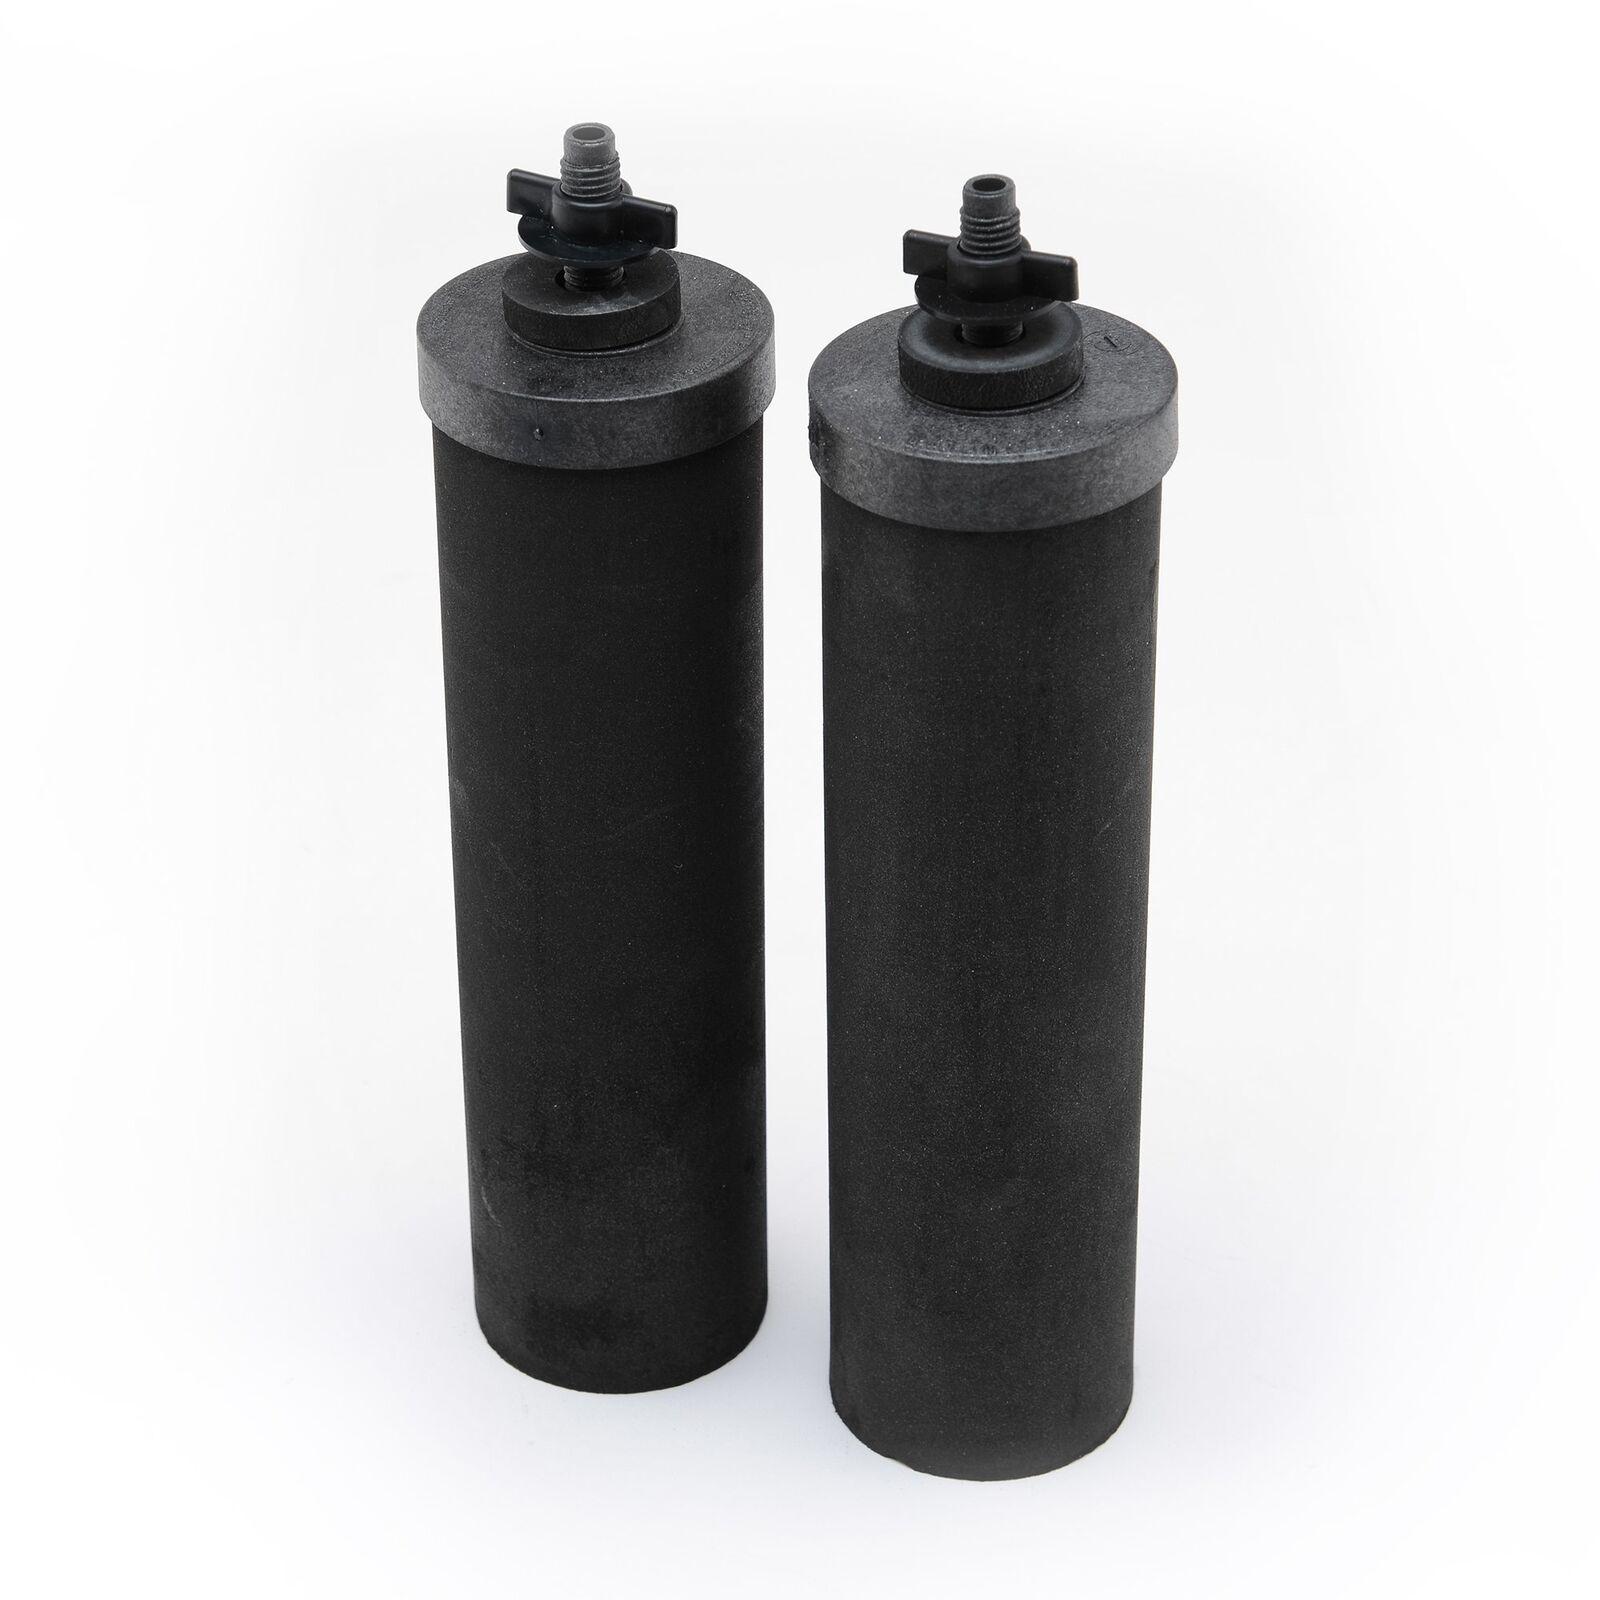 Berkey Noir Filtres pour Berkey Systèmes de filtration d'eau livraison gratuite